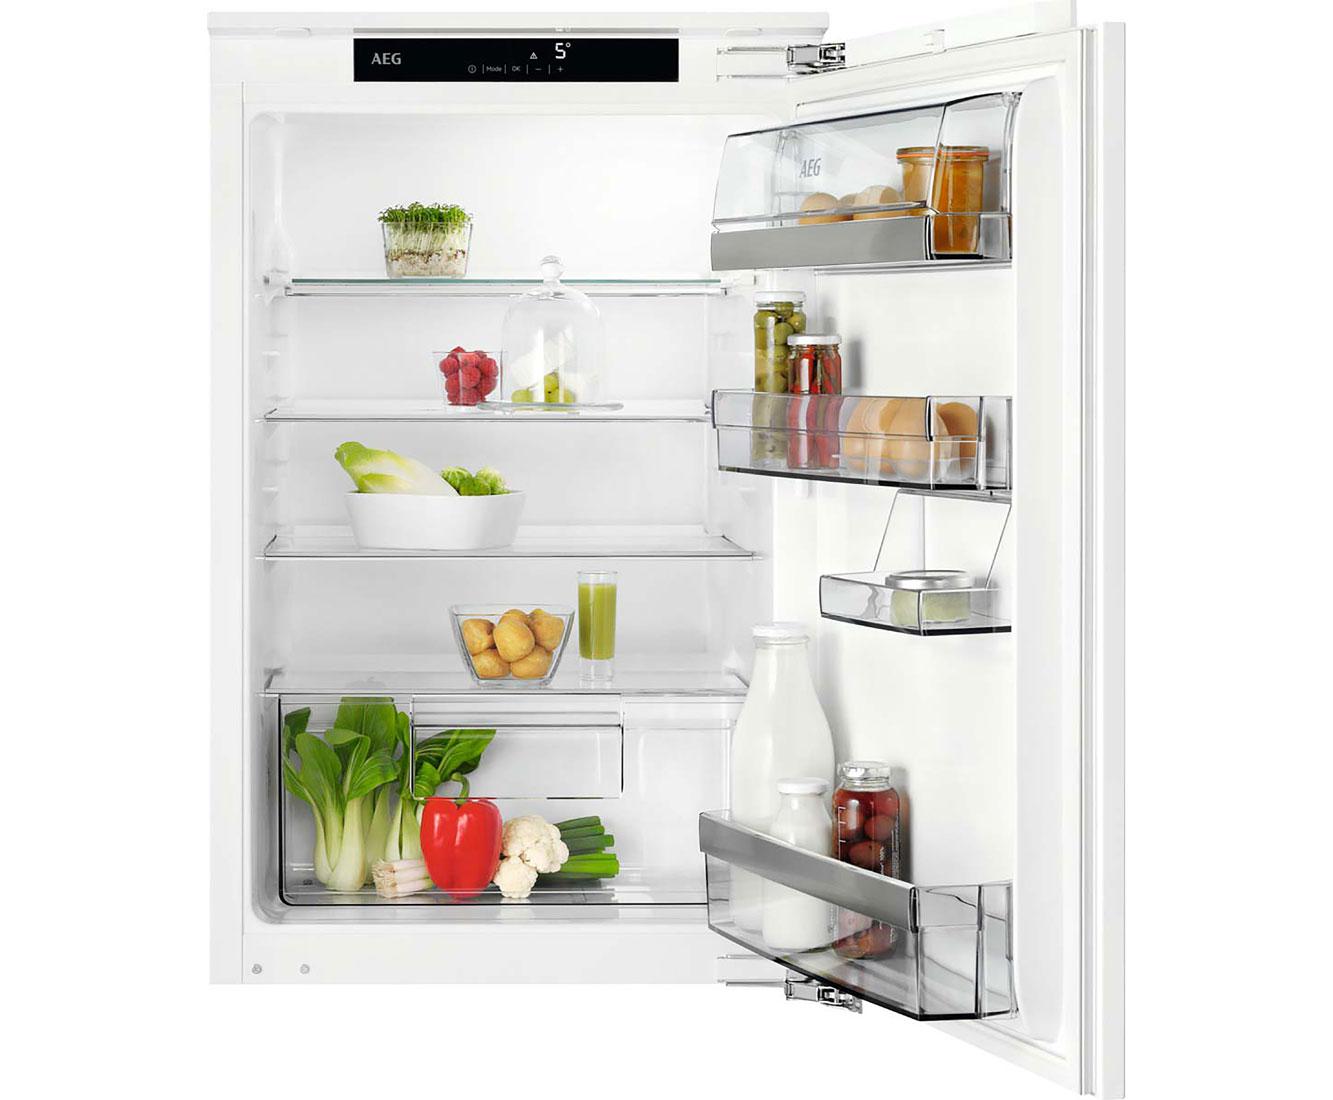 Aeg Kühlschrank Einbau : Aeg ske ac einbau kühlschrank er nische festtür technik a